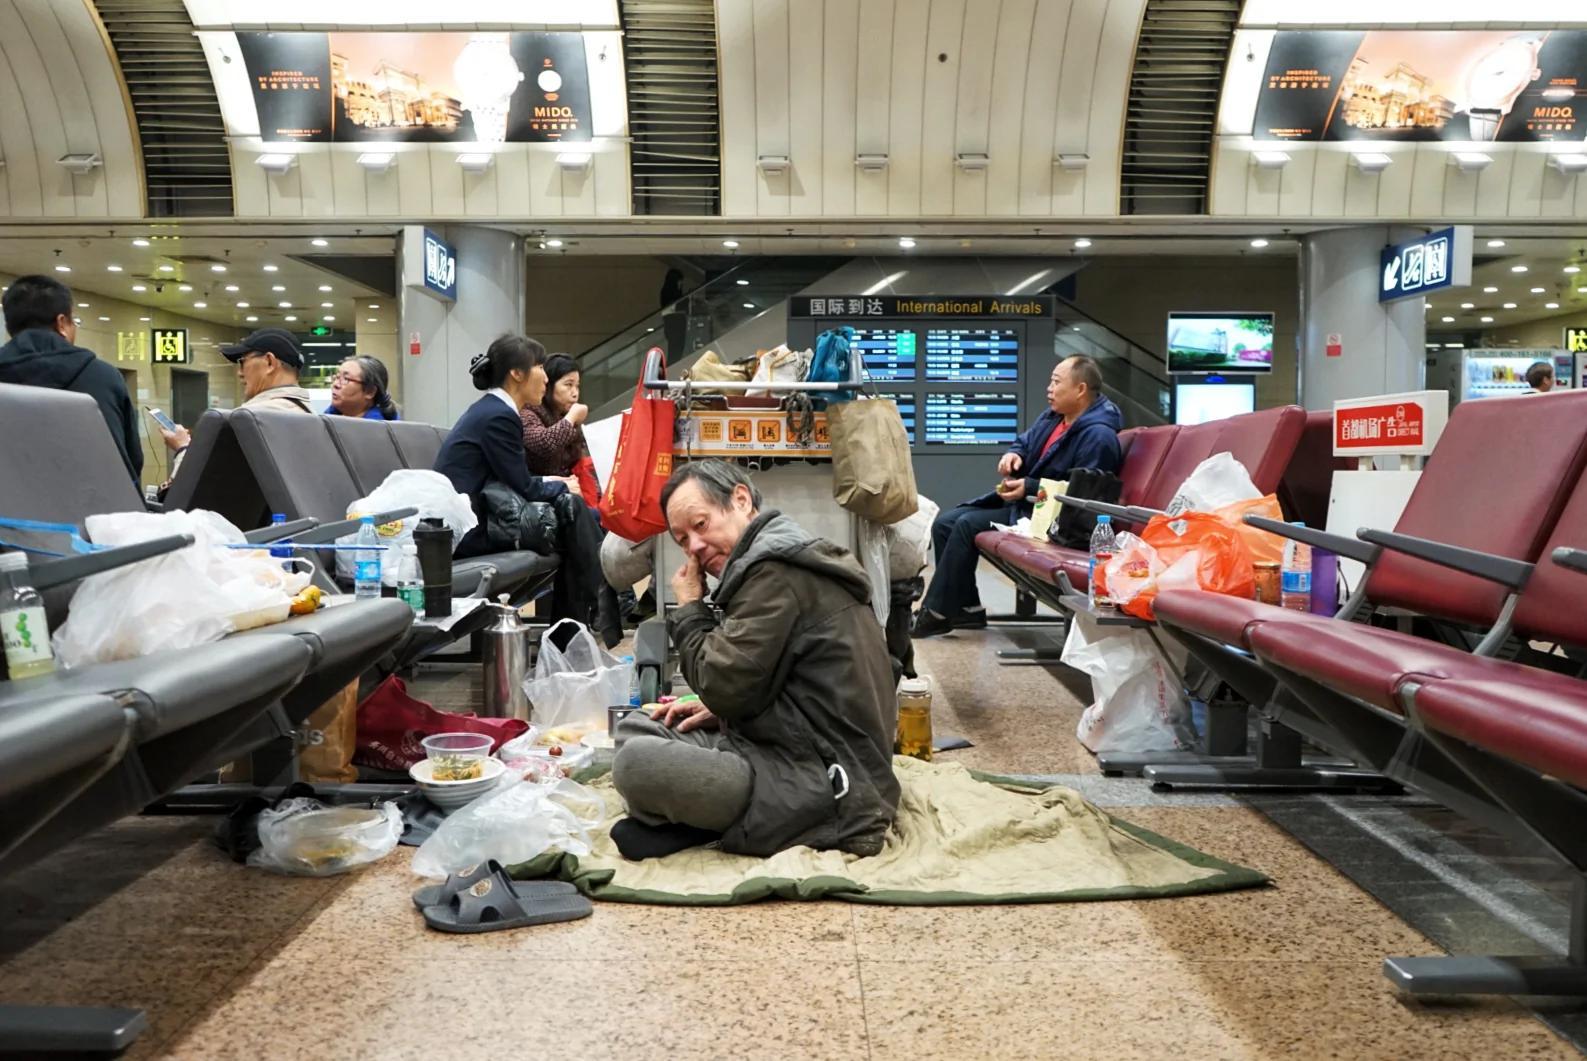 北京男子睡首都机场十年 原因竟是与妻子不和